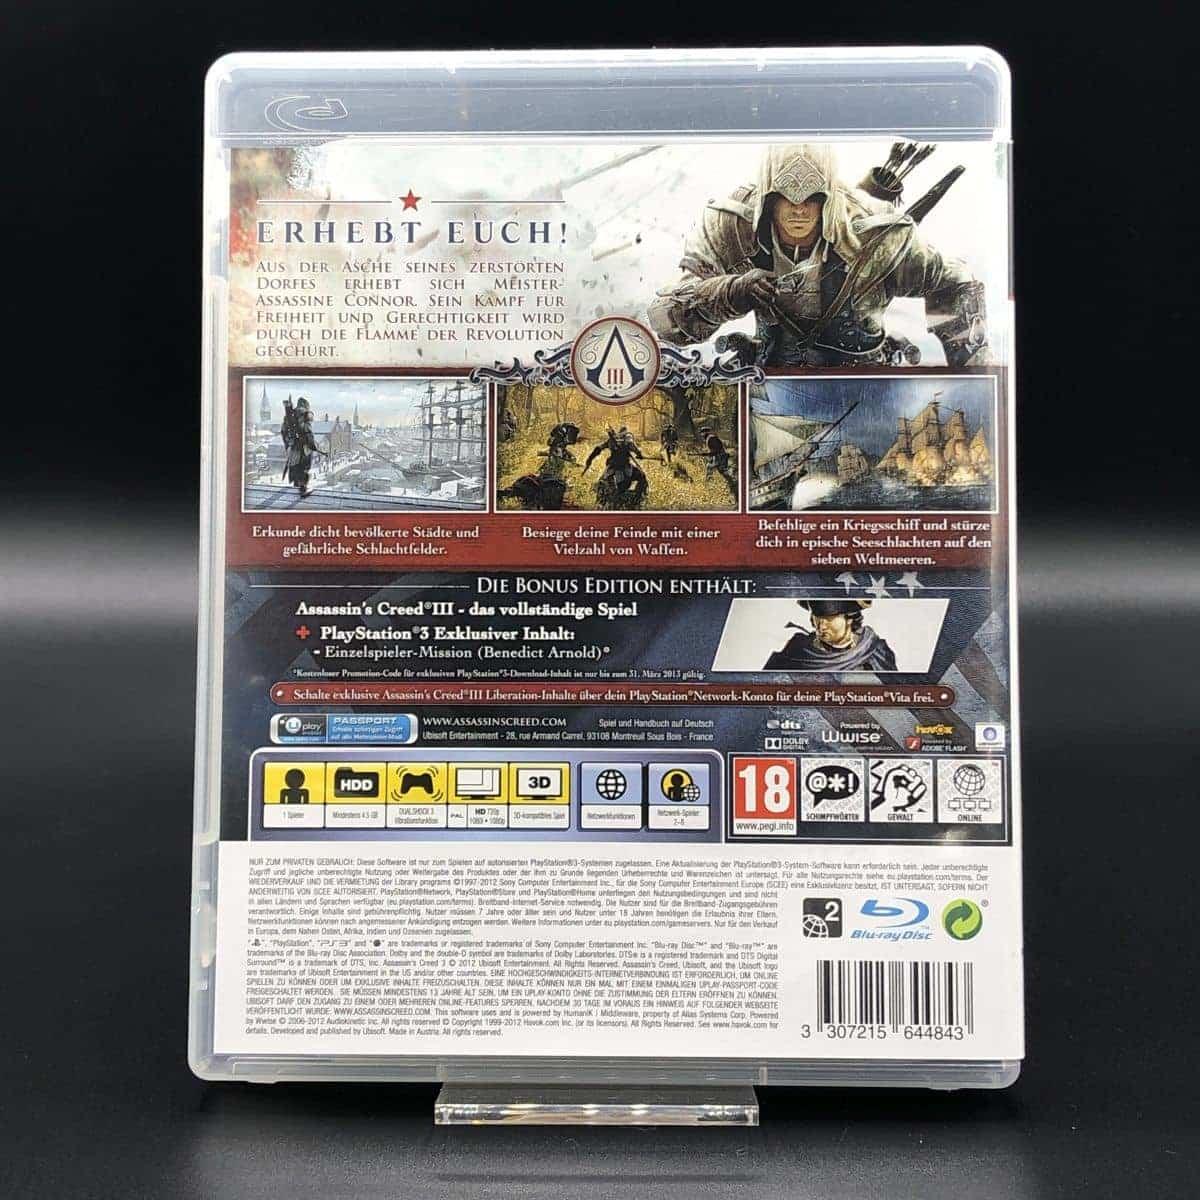 PS3 Assassin's Creed III (Komplett) (Sehr gut) Sony PlayStation 3